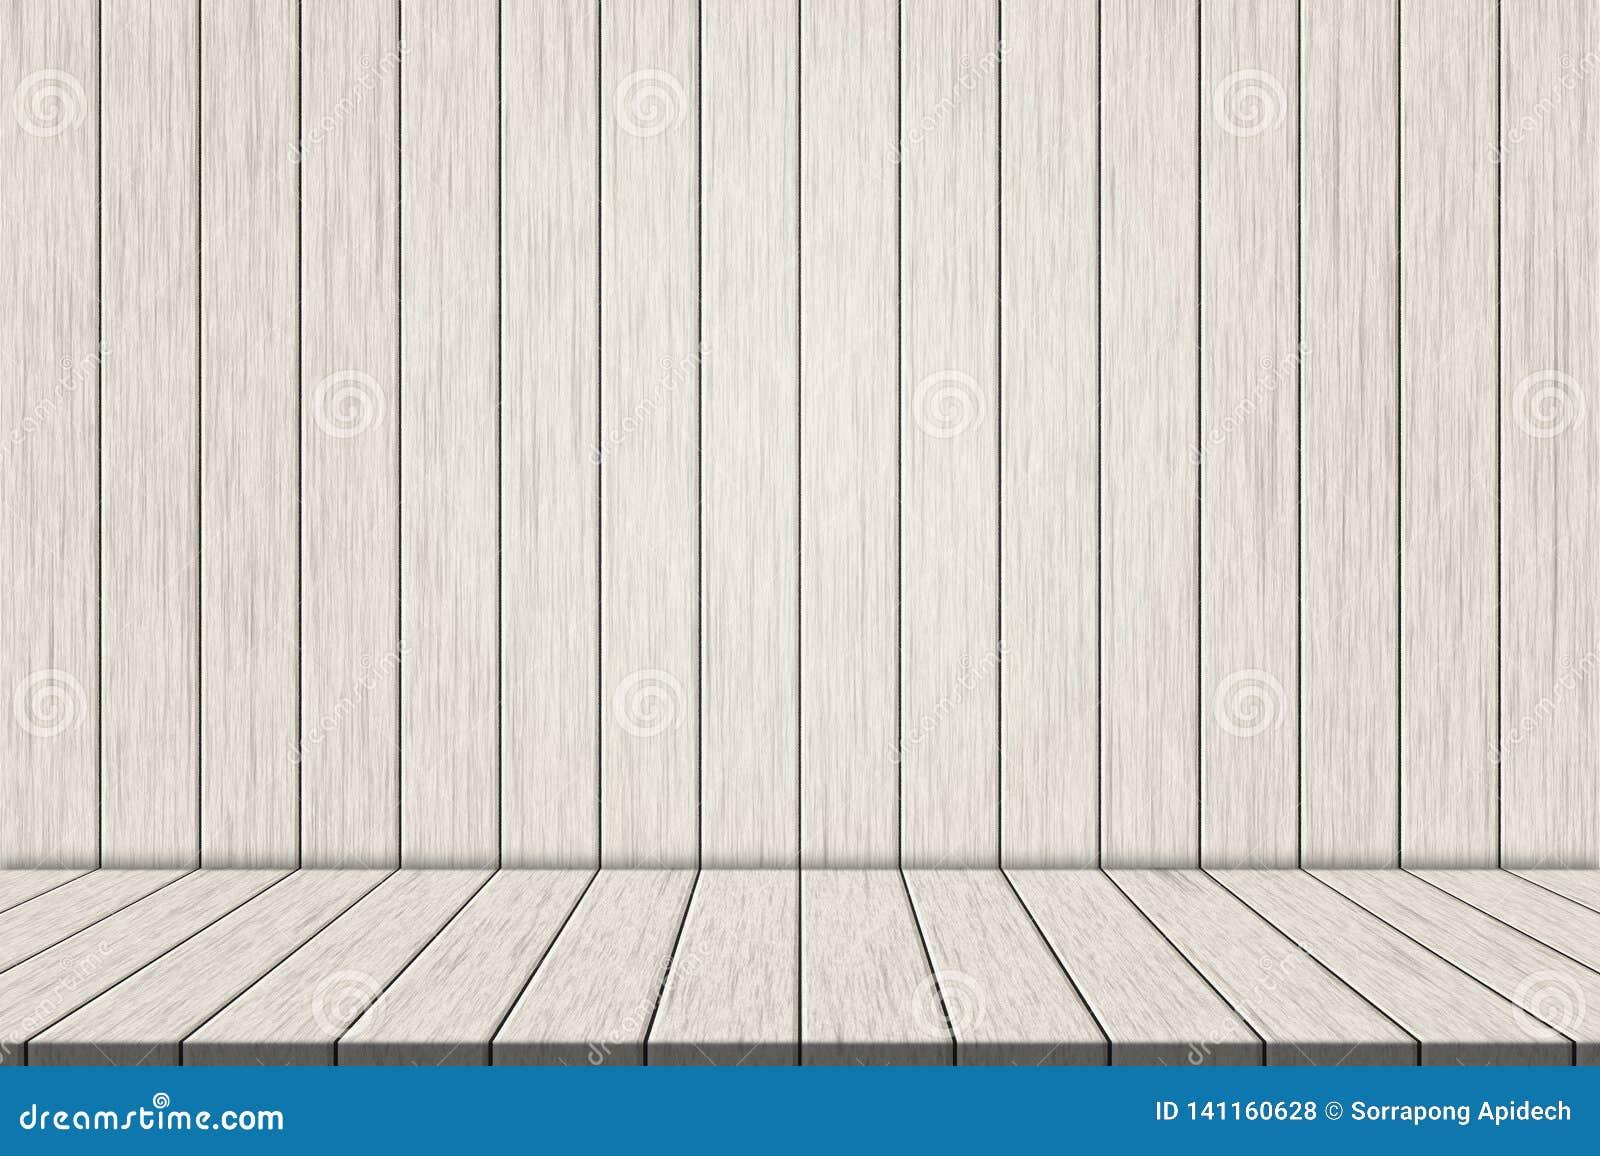 Weiße hölzerne Fußbodenbretter der Illustration auf weißer hölzerner Wand für Montage Ihr Produkt